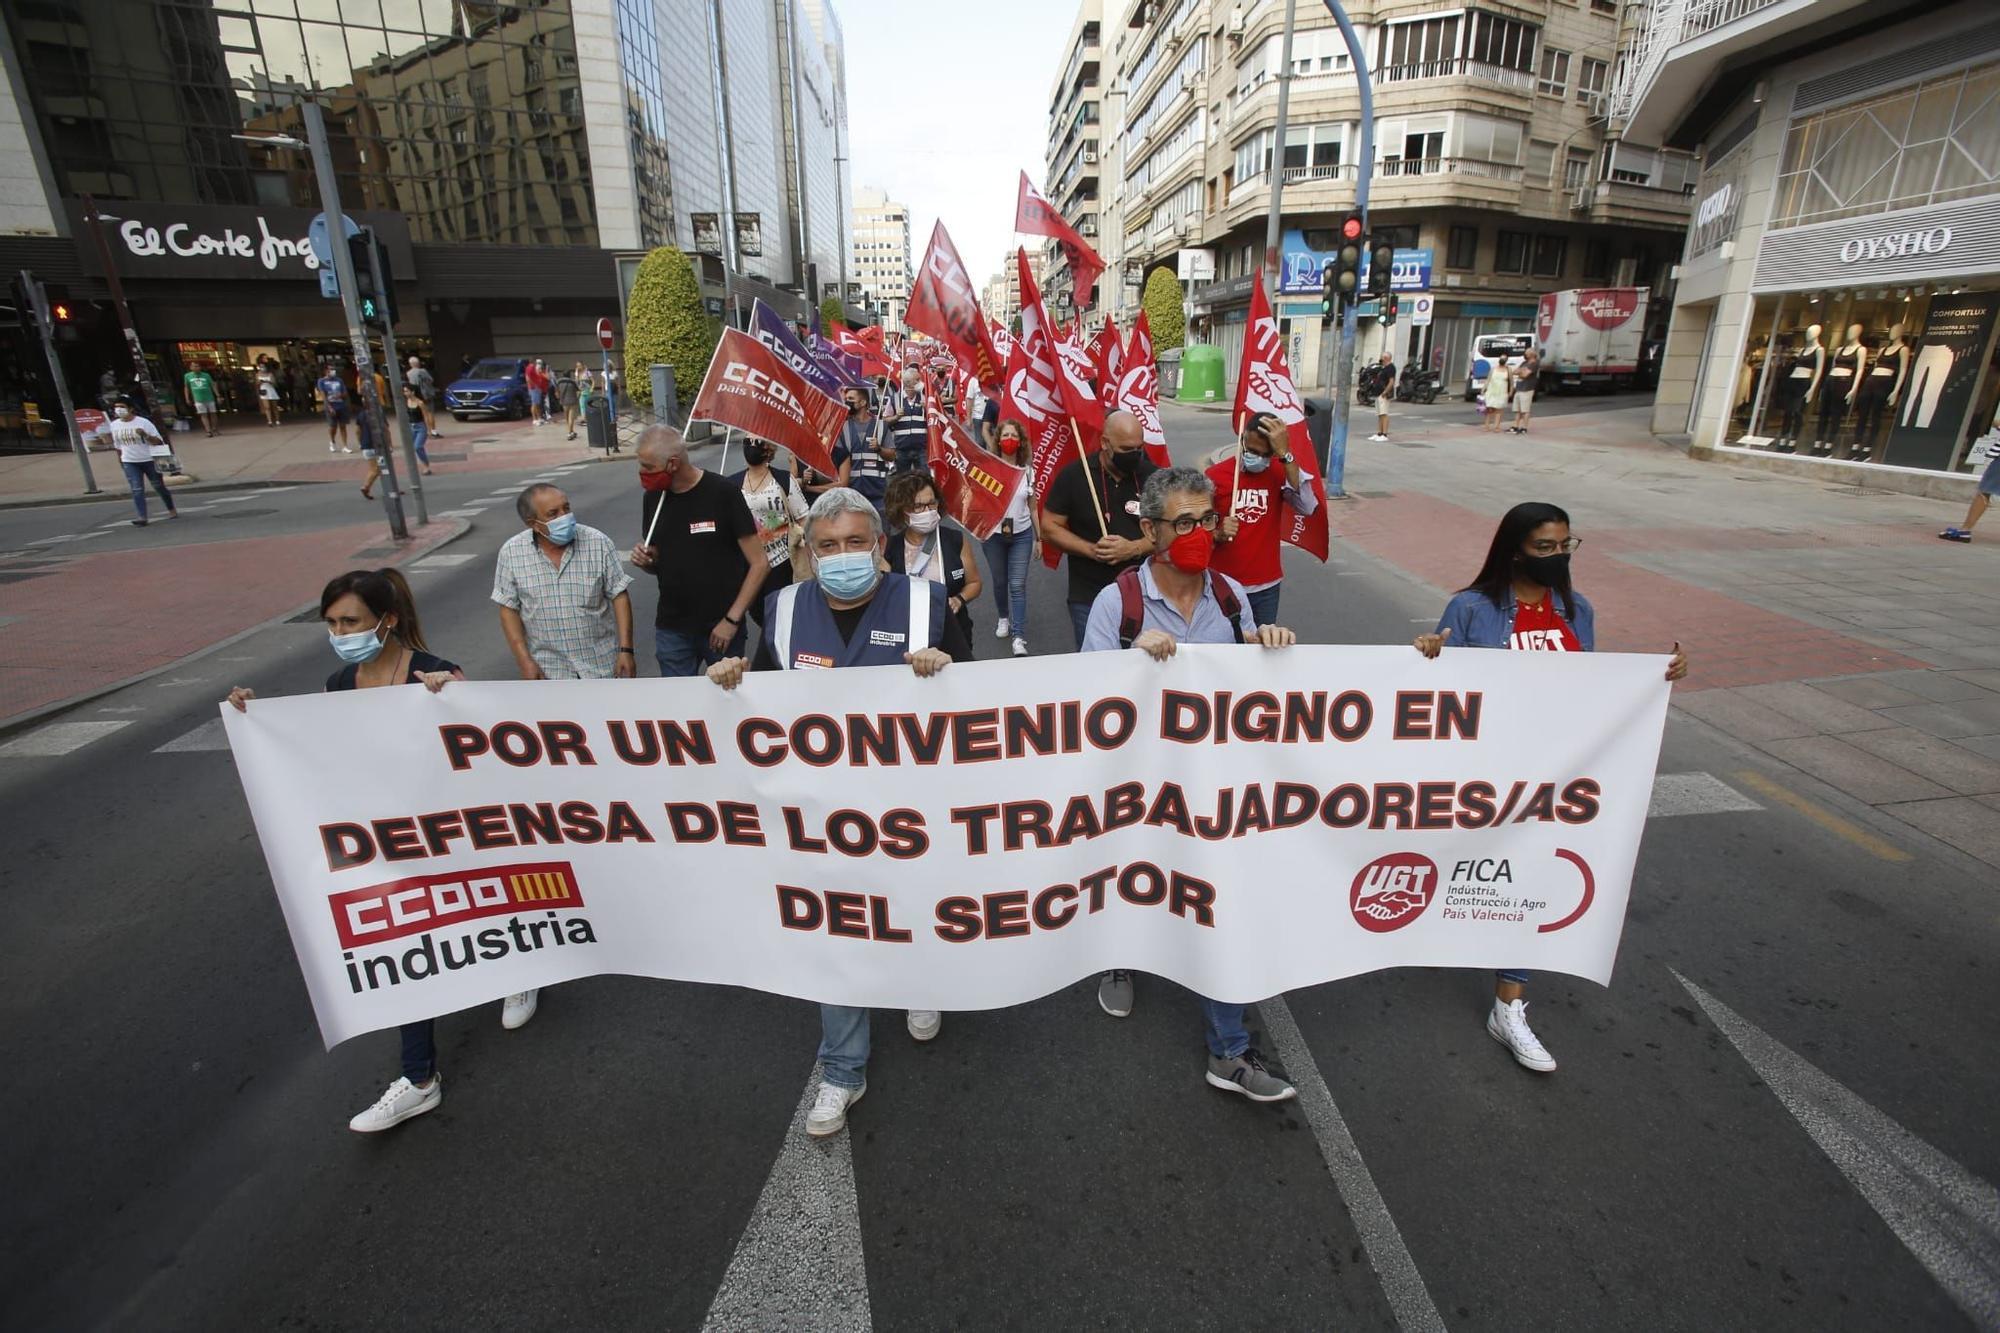 Los trabajadores del metal de Alicante se manifiestan para exigir el desbloqueo del convenio